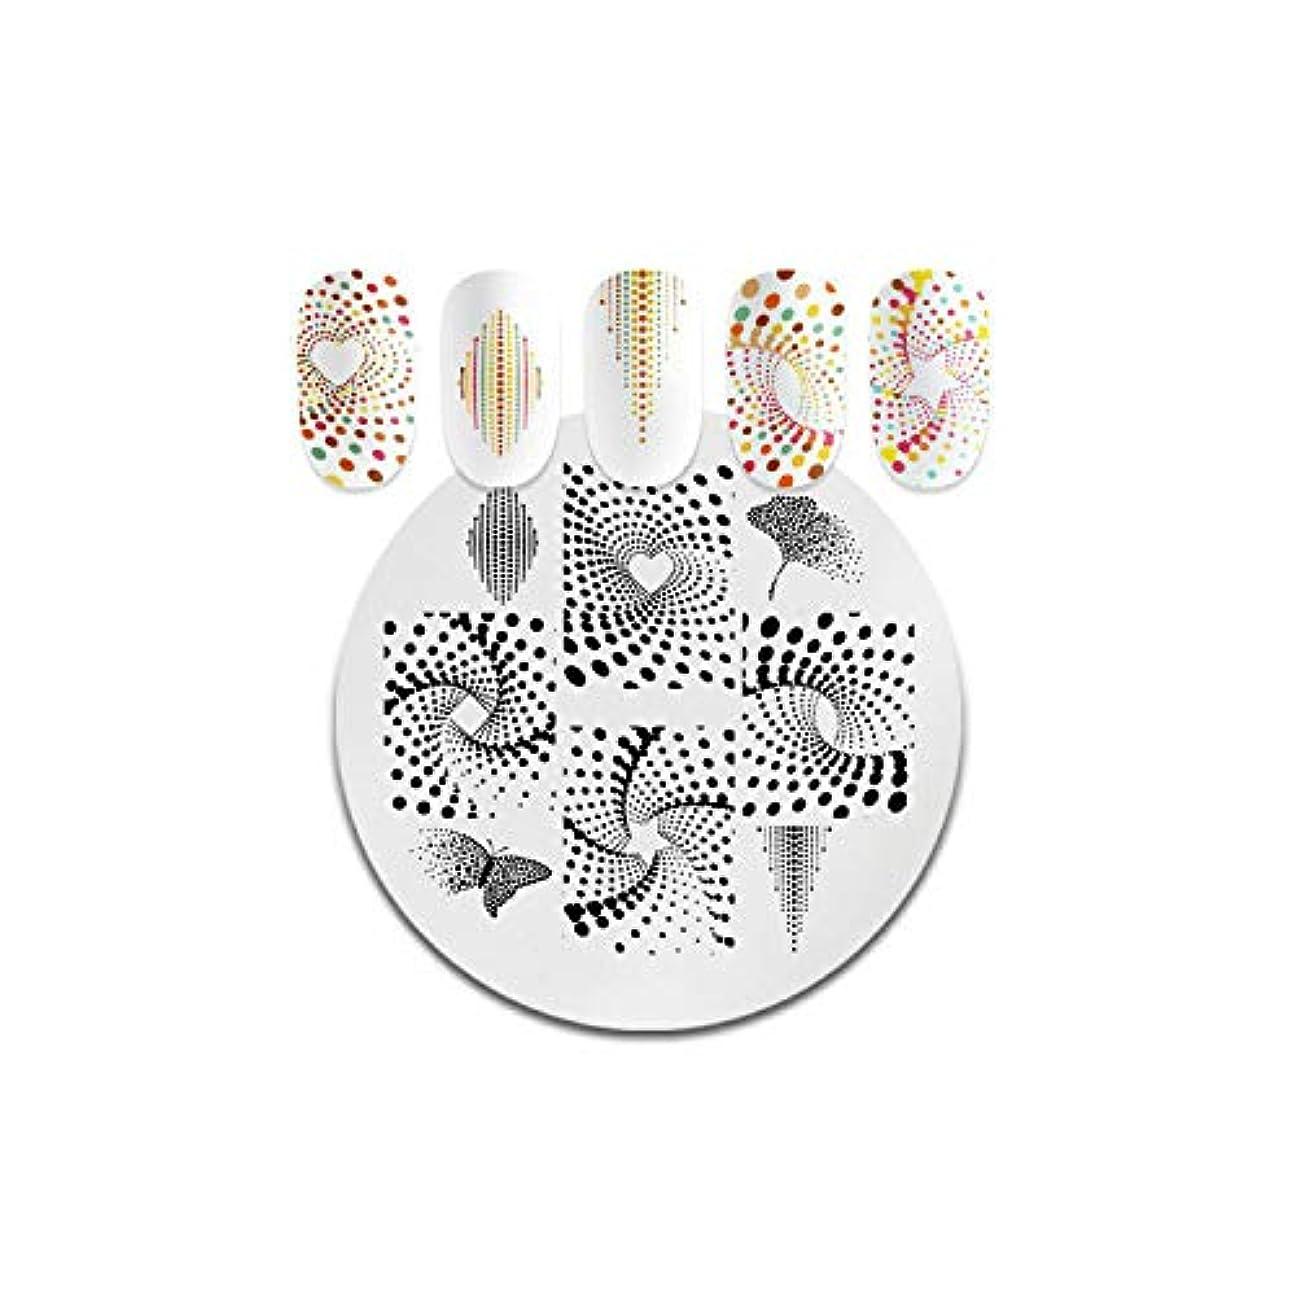 テザーグリル革命的AKIROKスクエアラウンドネイルスタンピングプレート動物パターンステンレススチールスタンピングテンプレートネイルアートデザインツール,PY-Y002